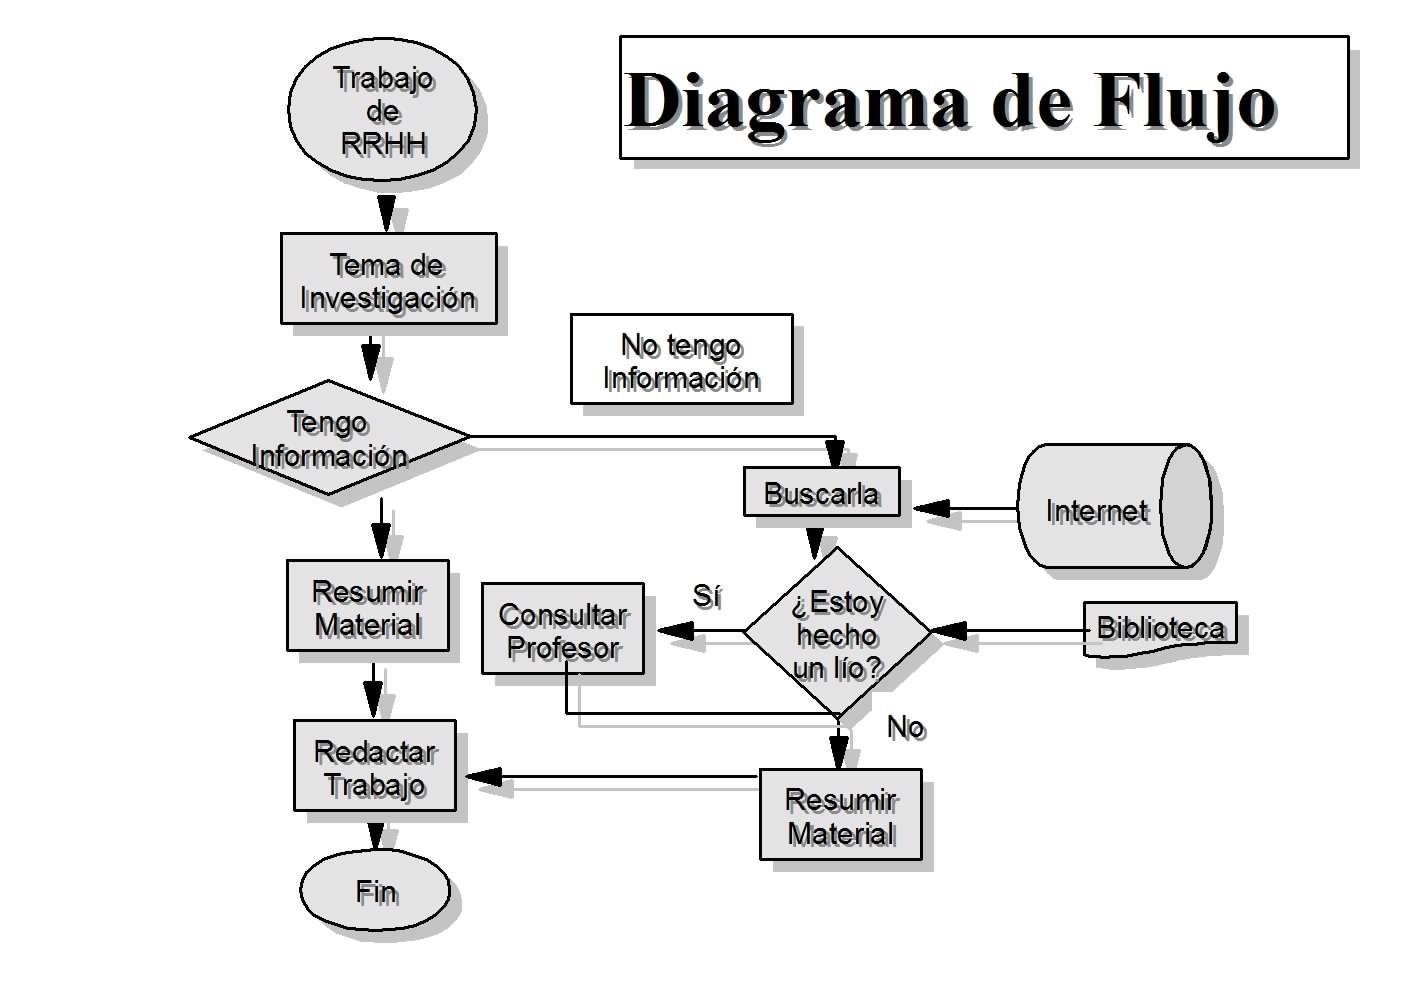 Recursos humanos diagrama de flujo de la empresa diagrama de flujo de la empresa ccuart Choice Image